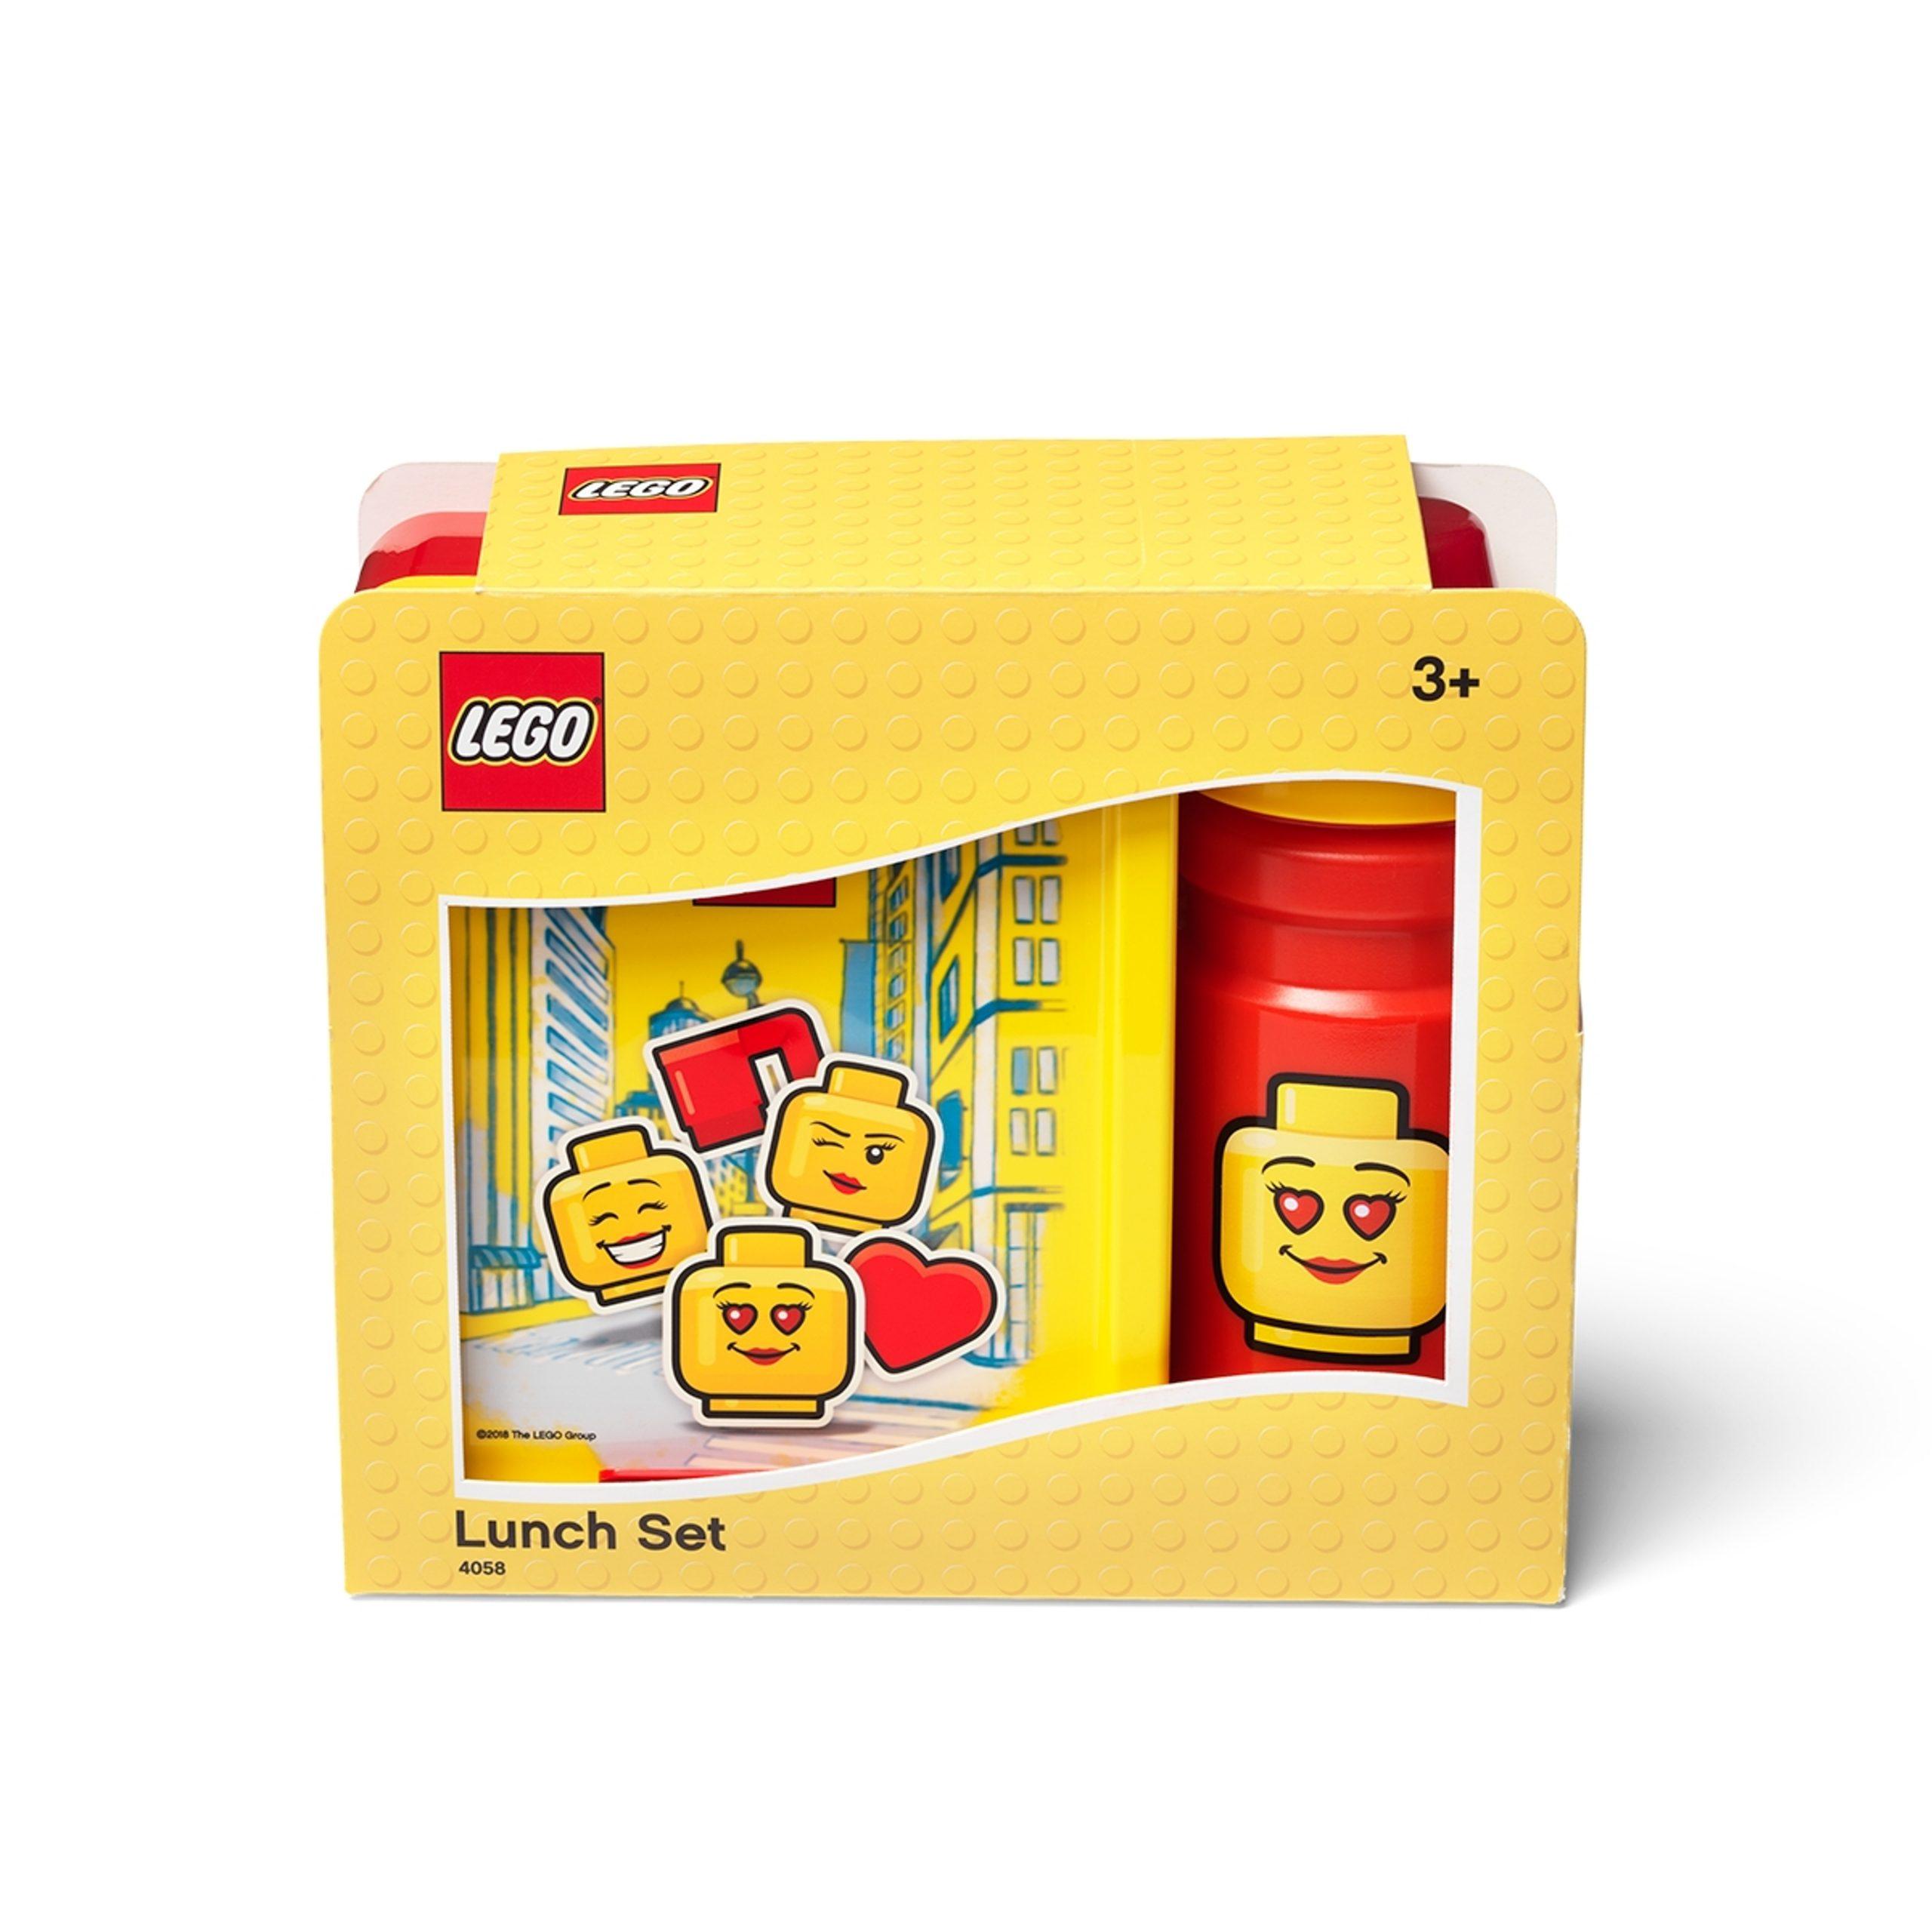 lego 5005770 lunch set iconic girl scaled